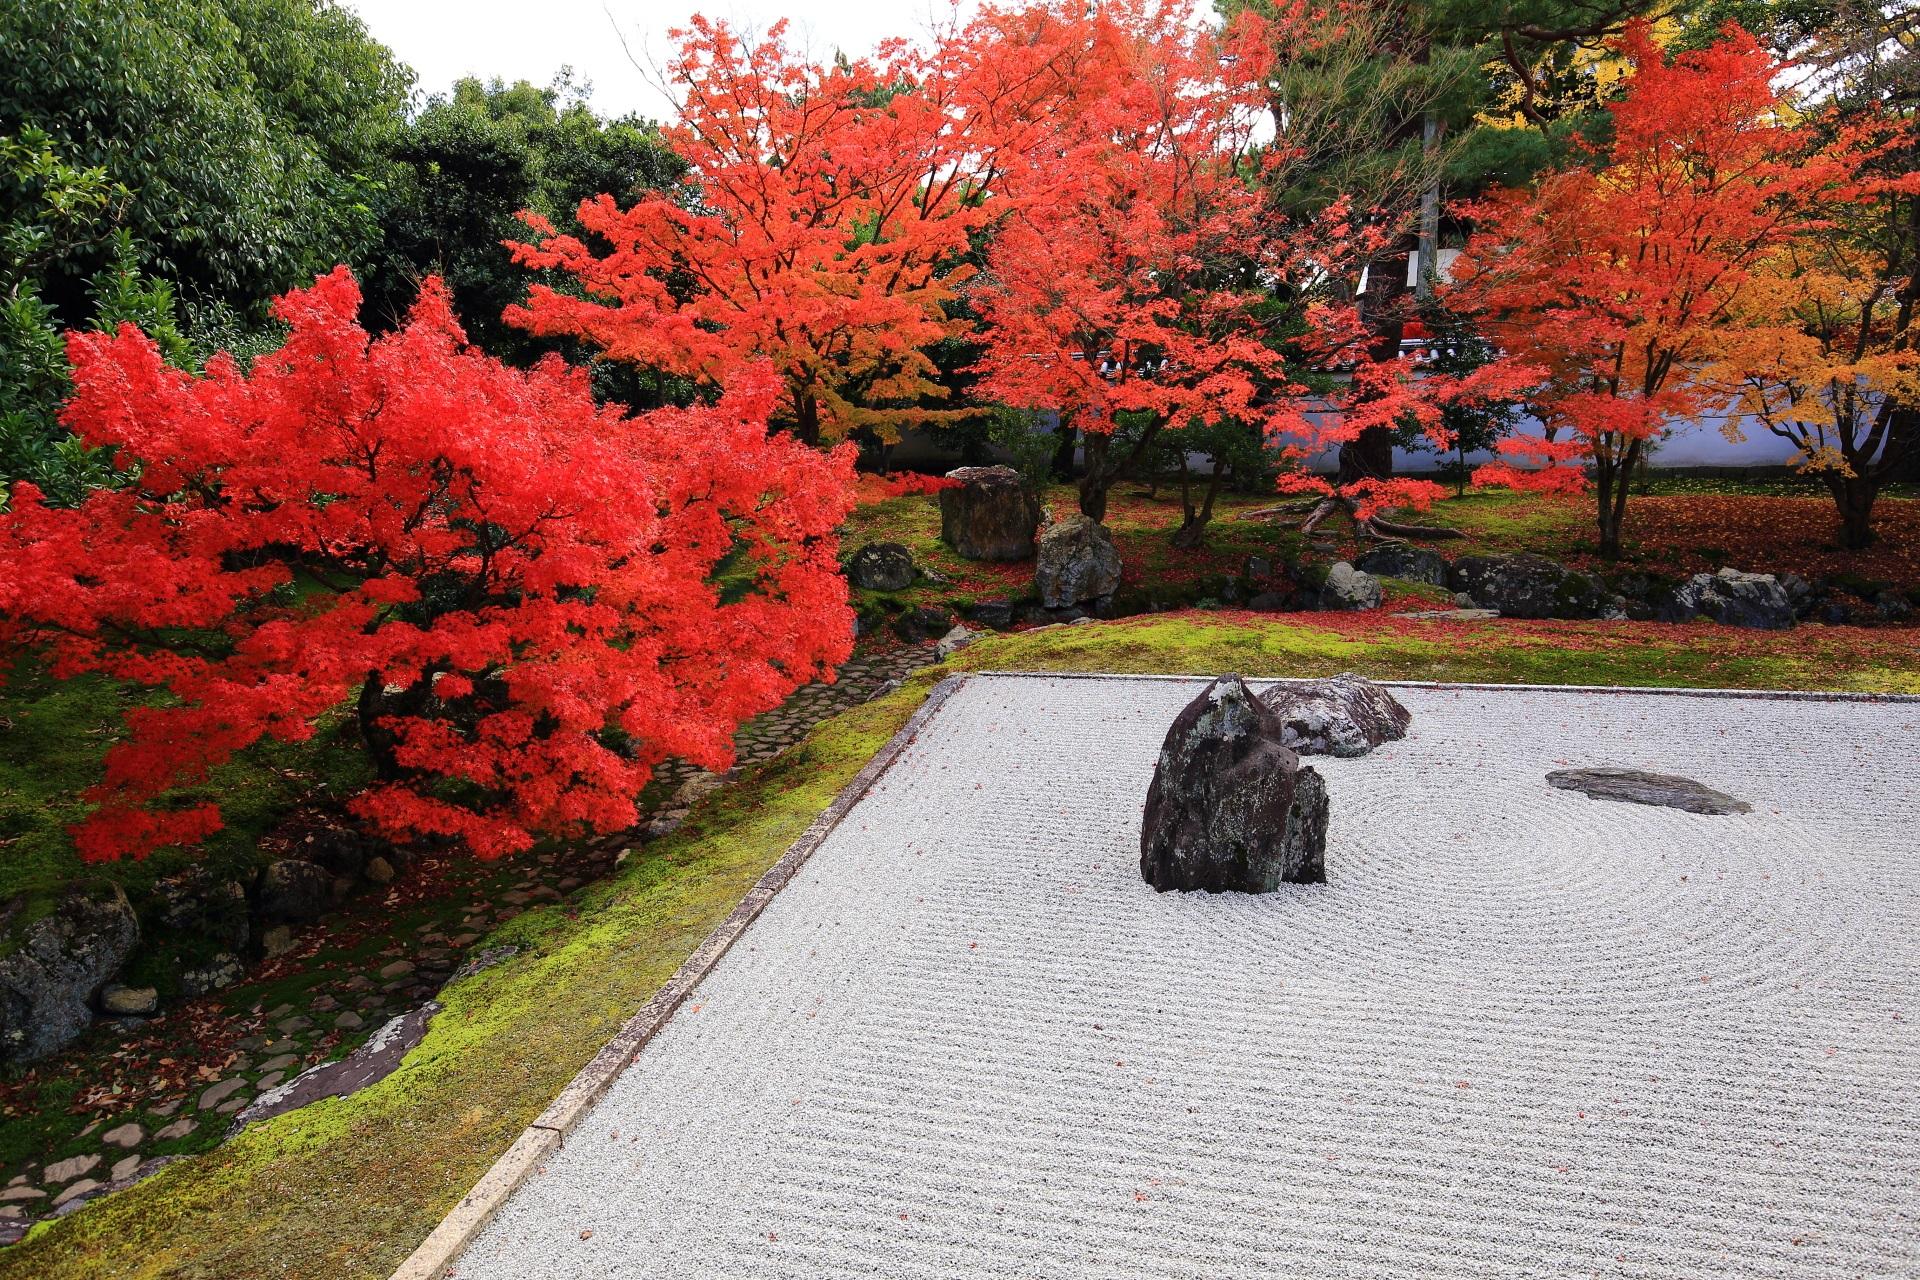 石庭を優雅に彩る深い色合いの紅葉